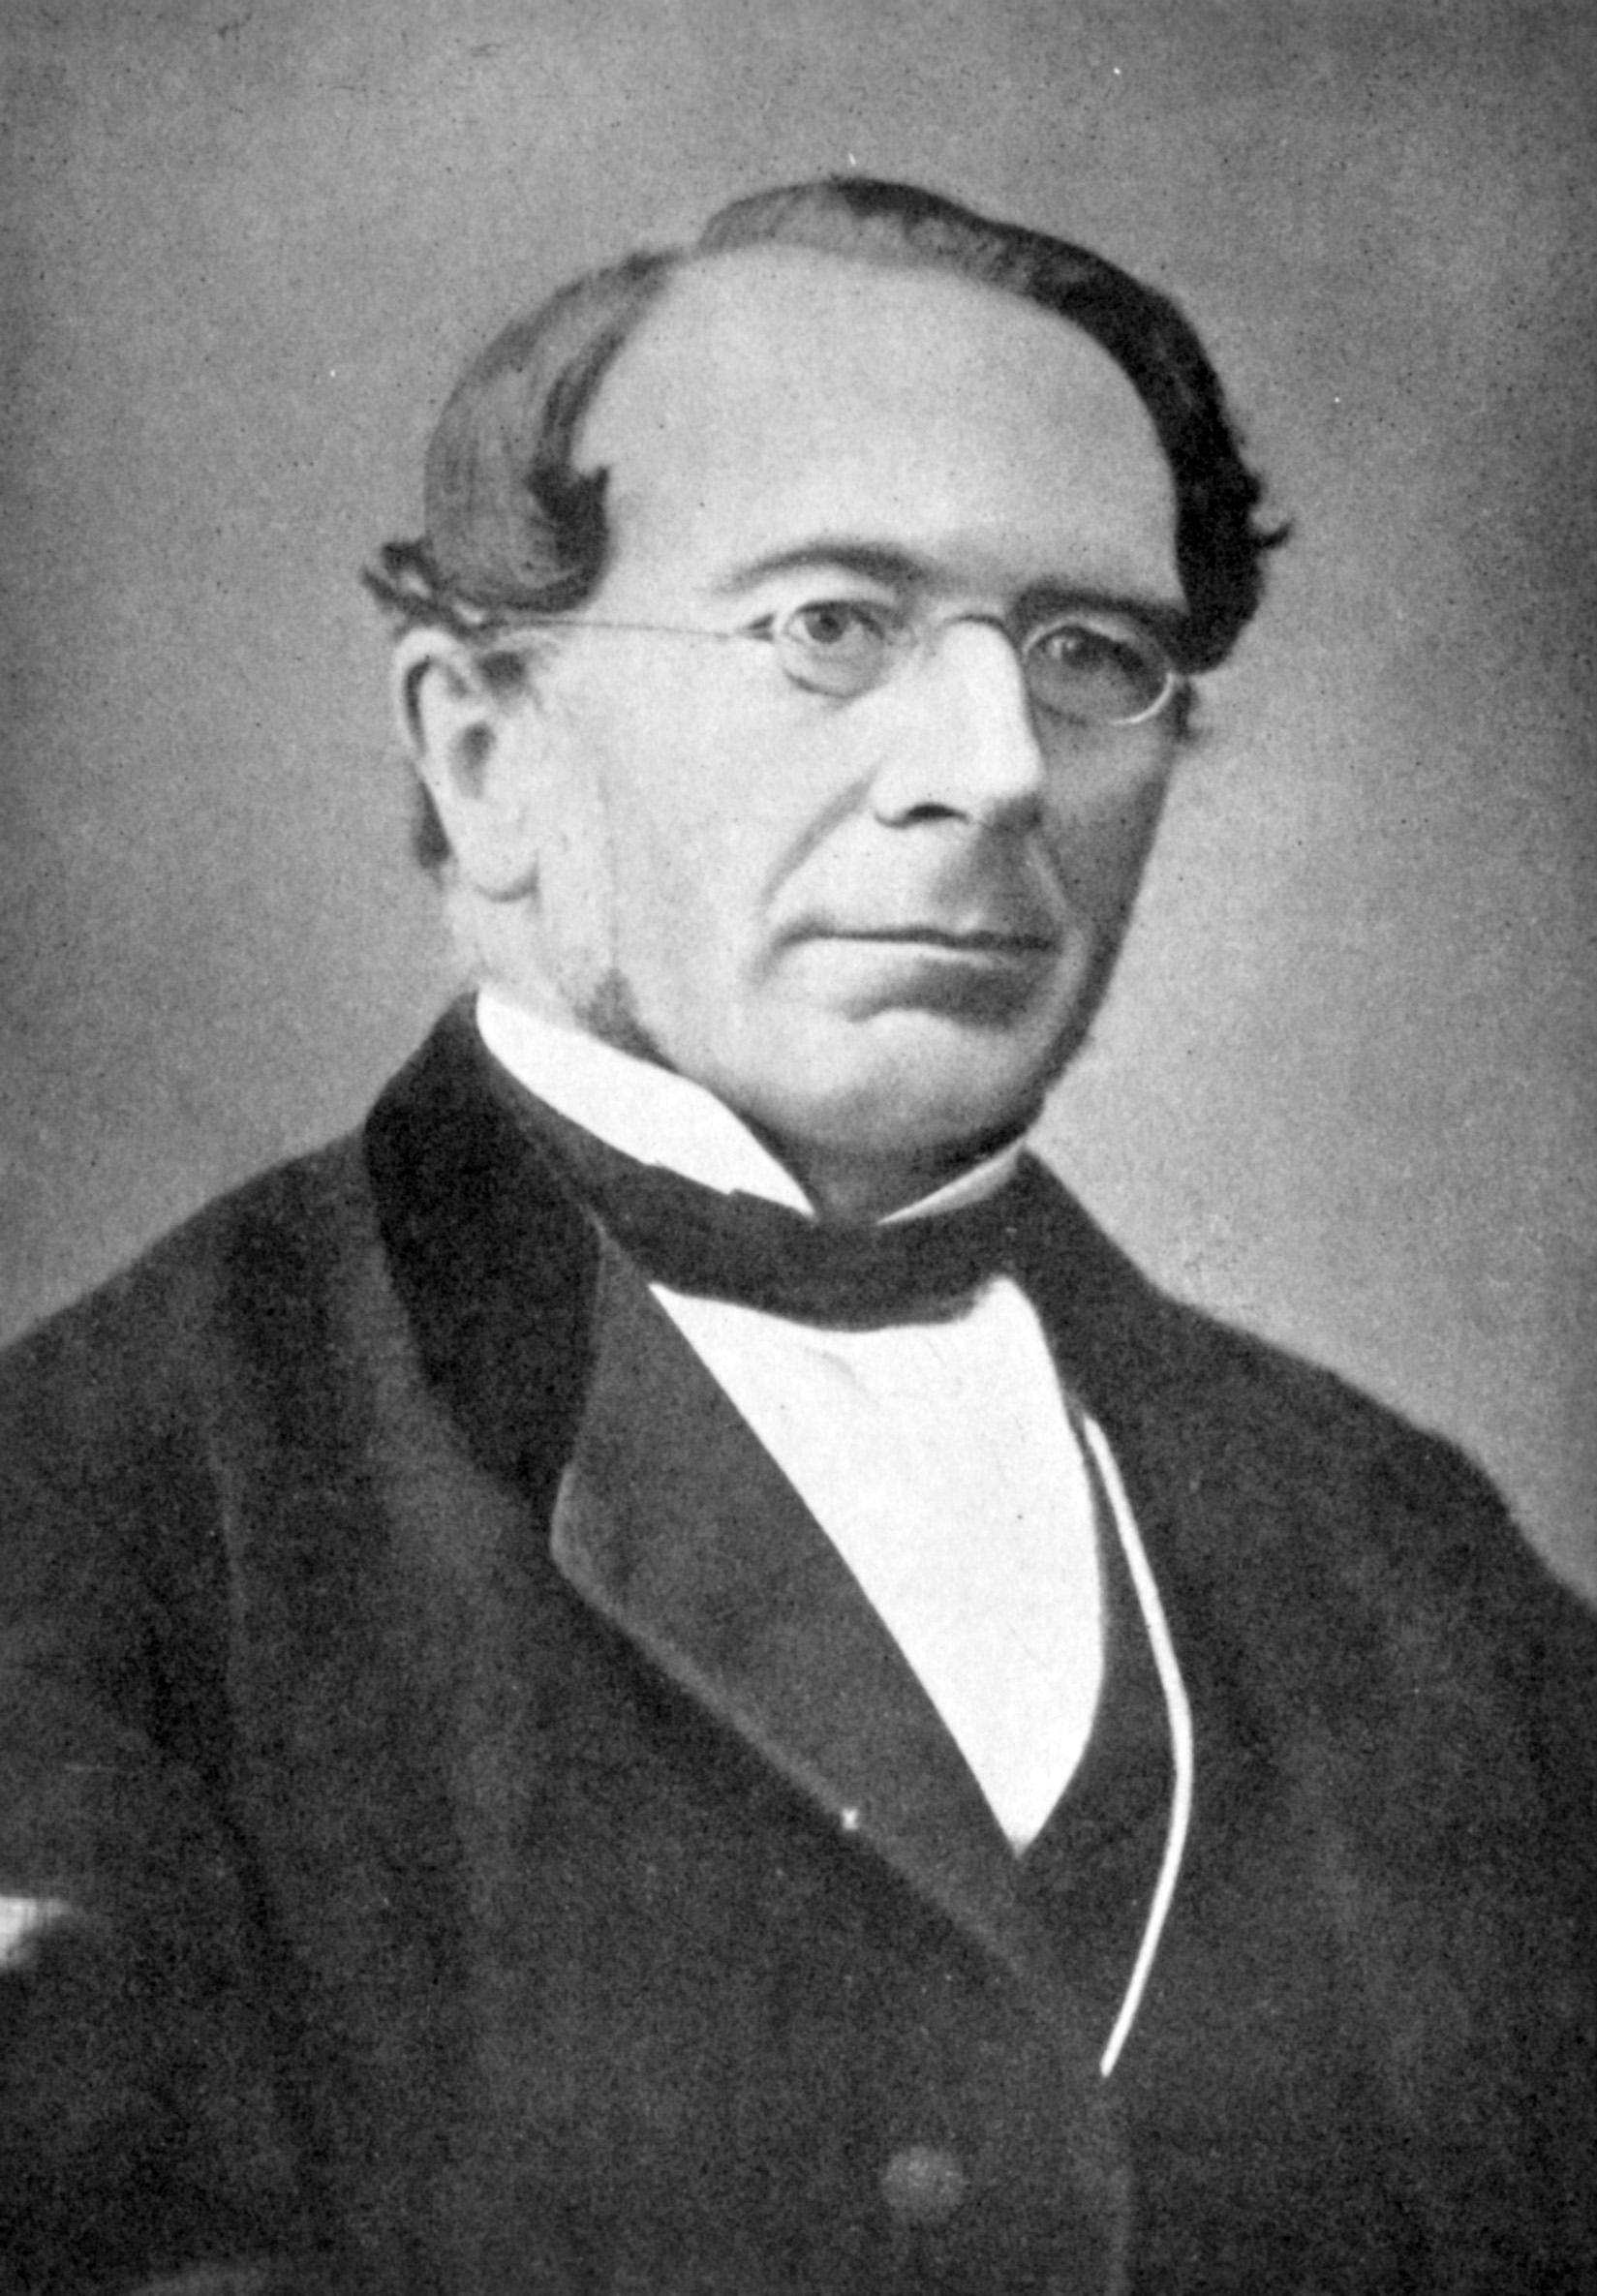 ルドルフ・フォン・イェーリング